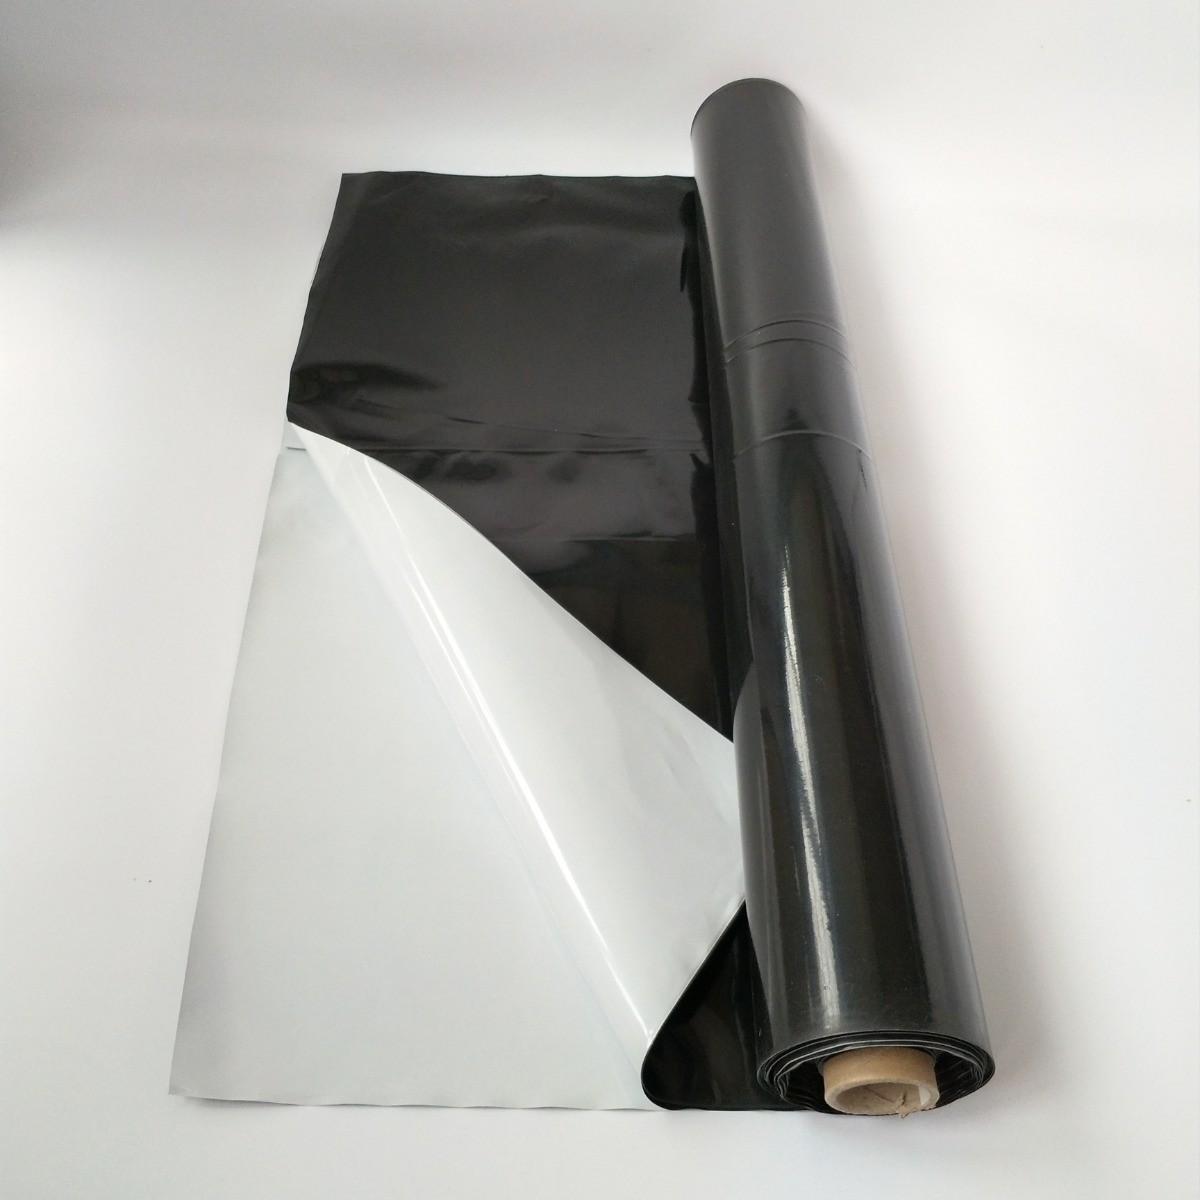 Lona Silagem Nortene Branca/Preta 72kg - 6x16m